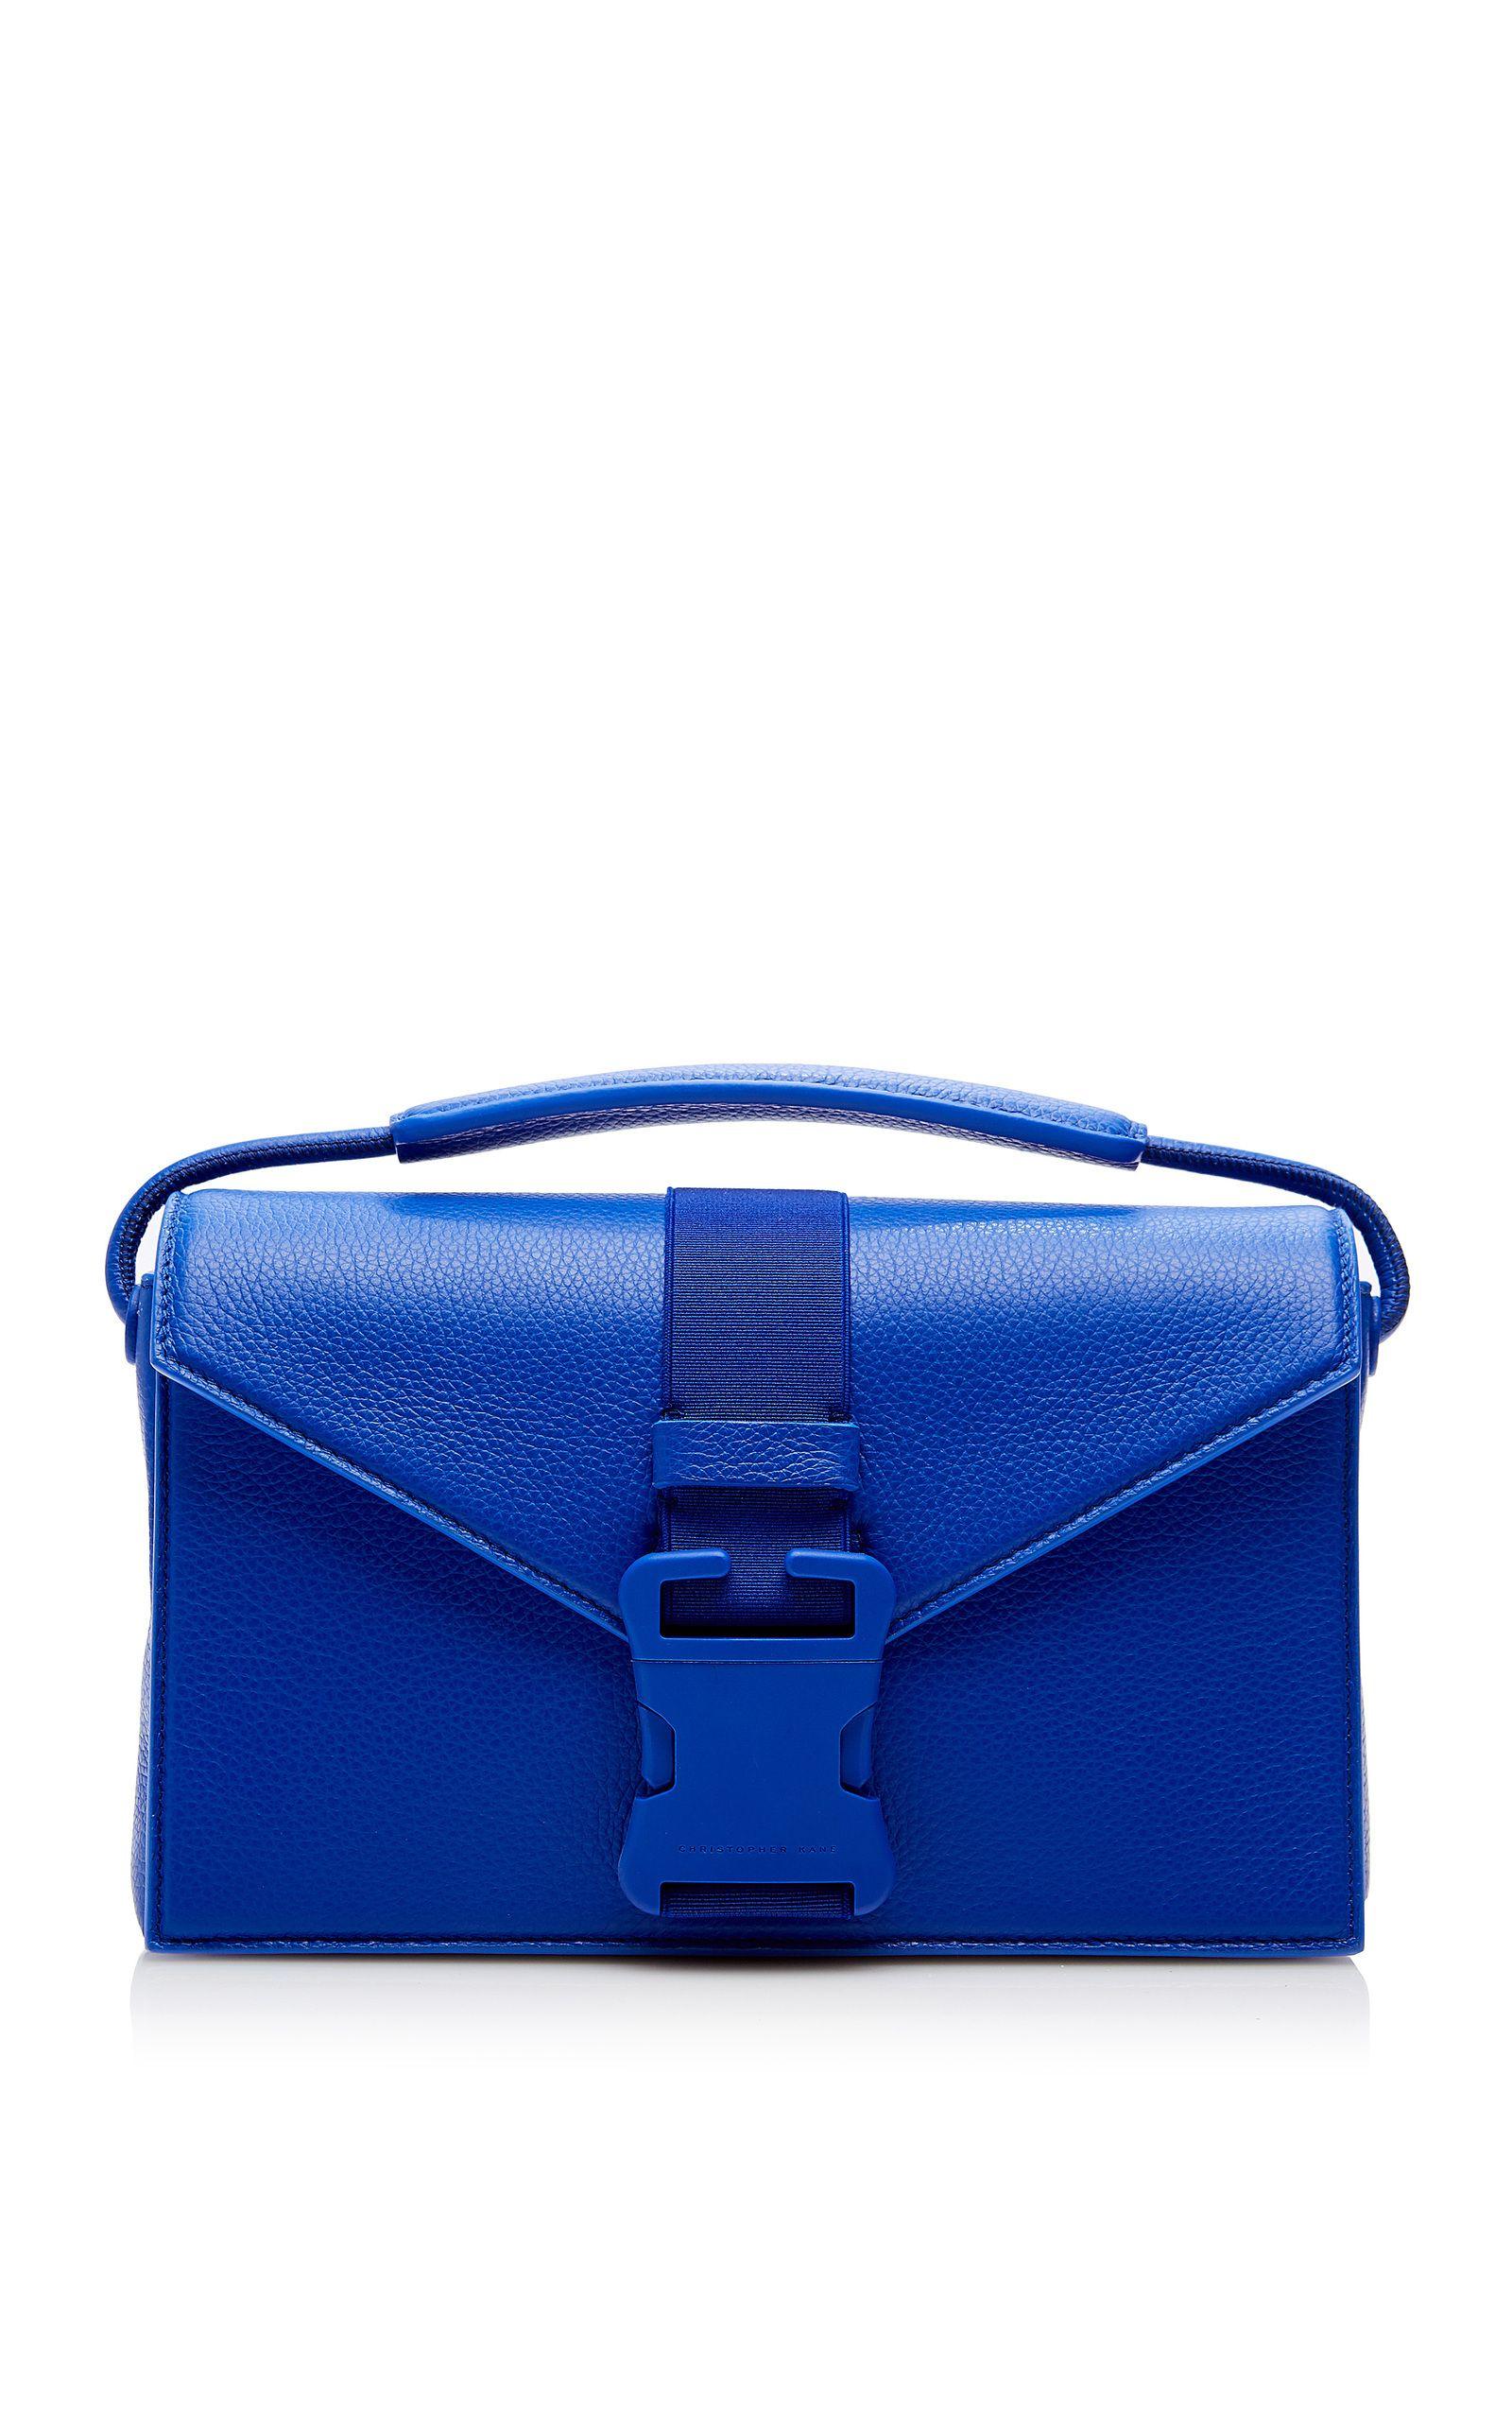 christopher kane grained leather divine og bag for bag lovers pinterest design bleu sac. Black Bedroom Furniture Sets. Home Design Ideas